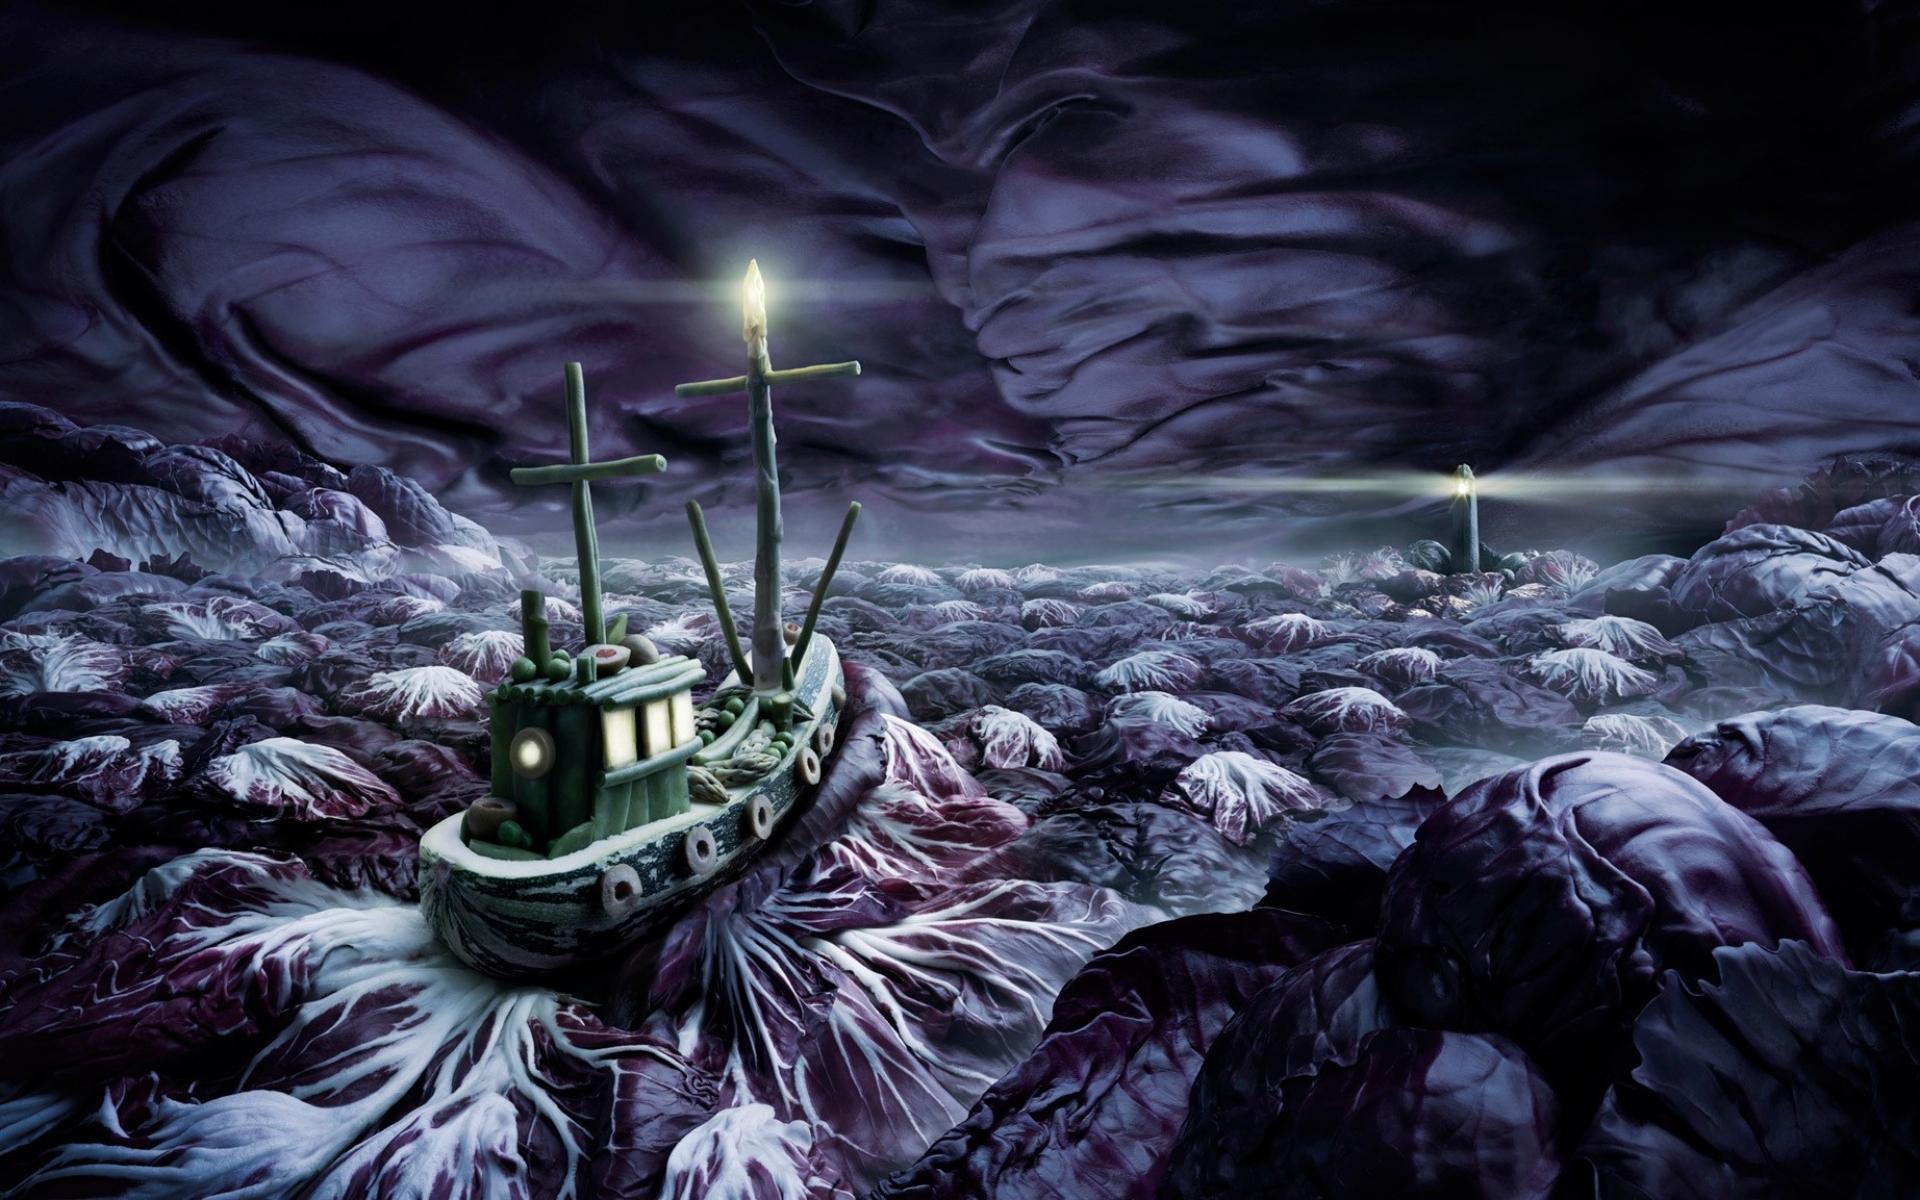 Fantasy Art Painting Ocean Sea Storm Sky Ships Night Moon Wallpaper